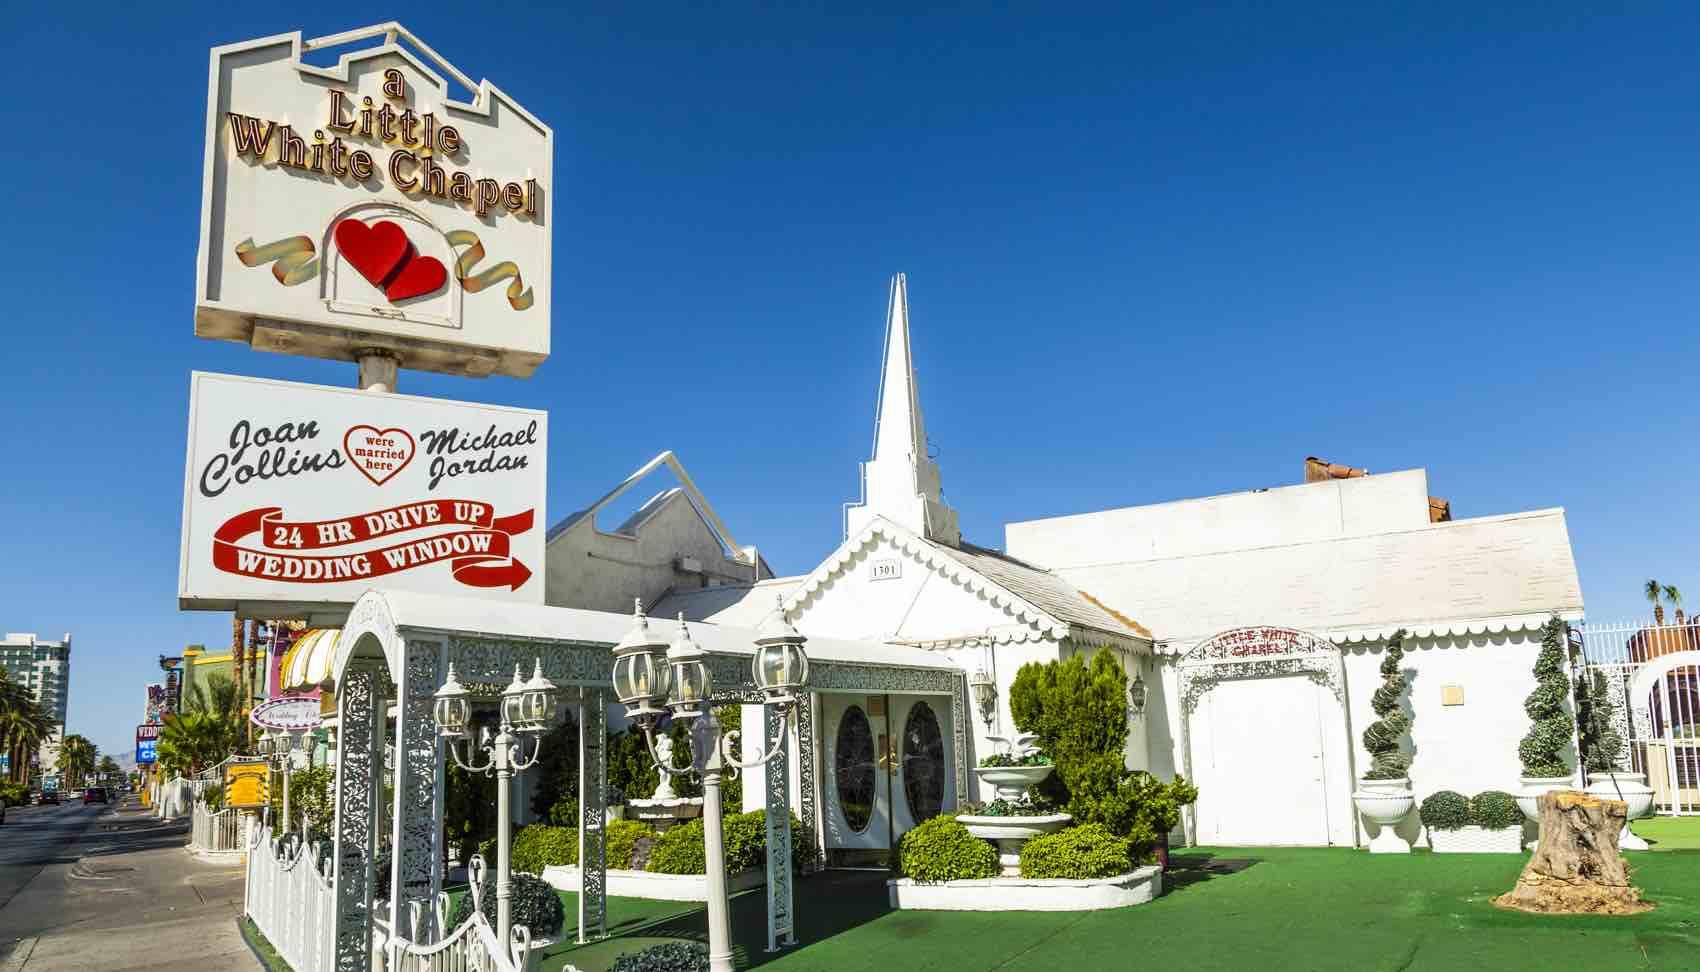 Little White Wedding Chapel in Las Vegas. Michael Jordan and Joan Collins married in that chapel.